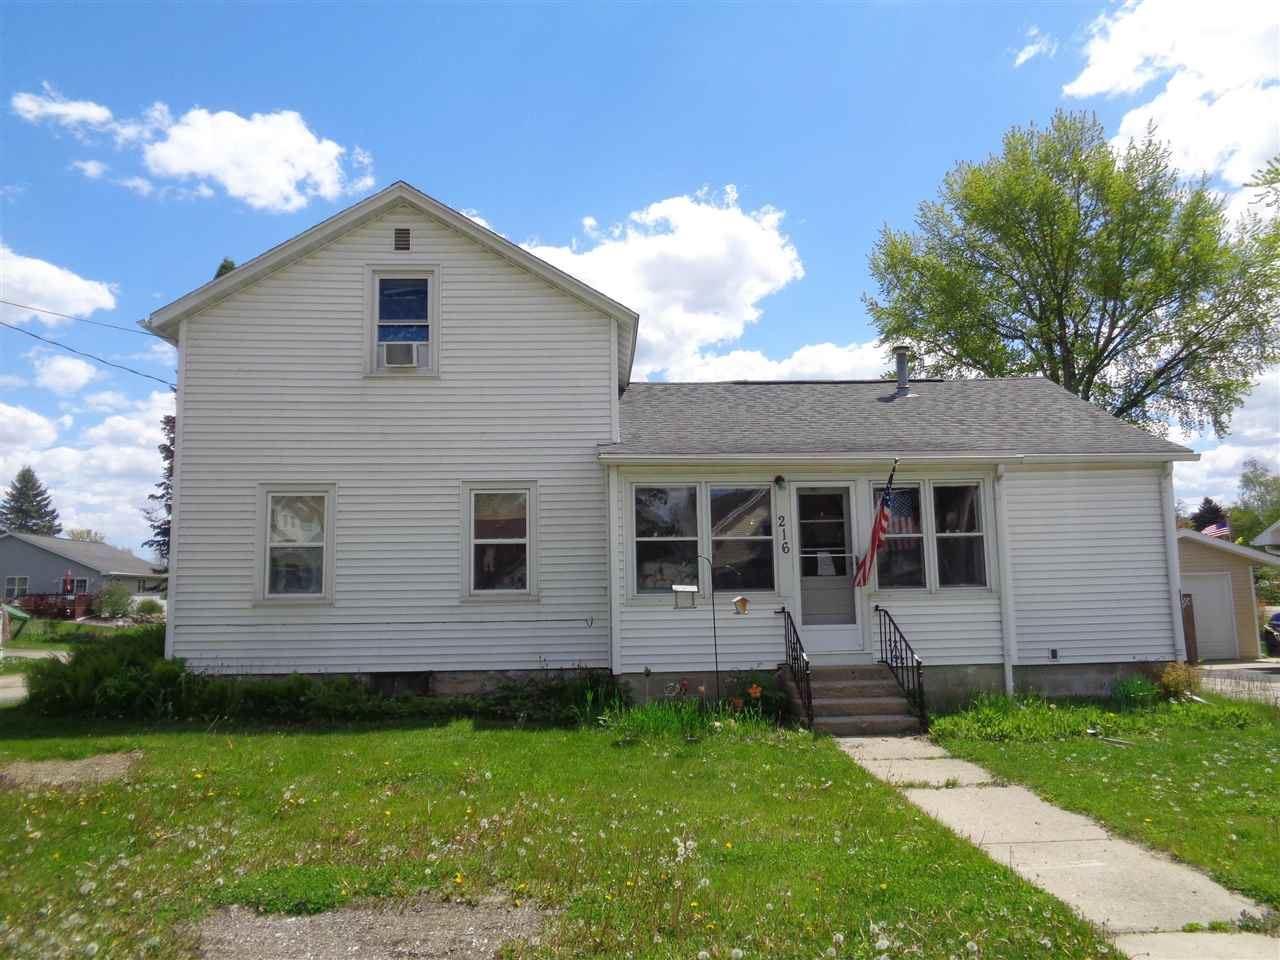 216 Spring St, Fox Lake, WI 53933 - #: 1908995